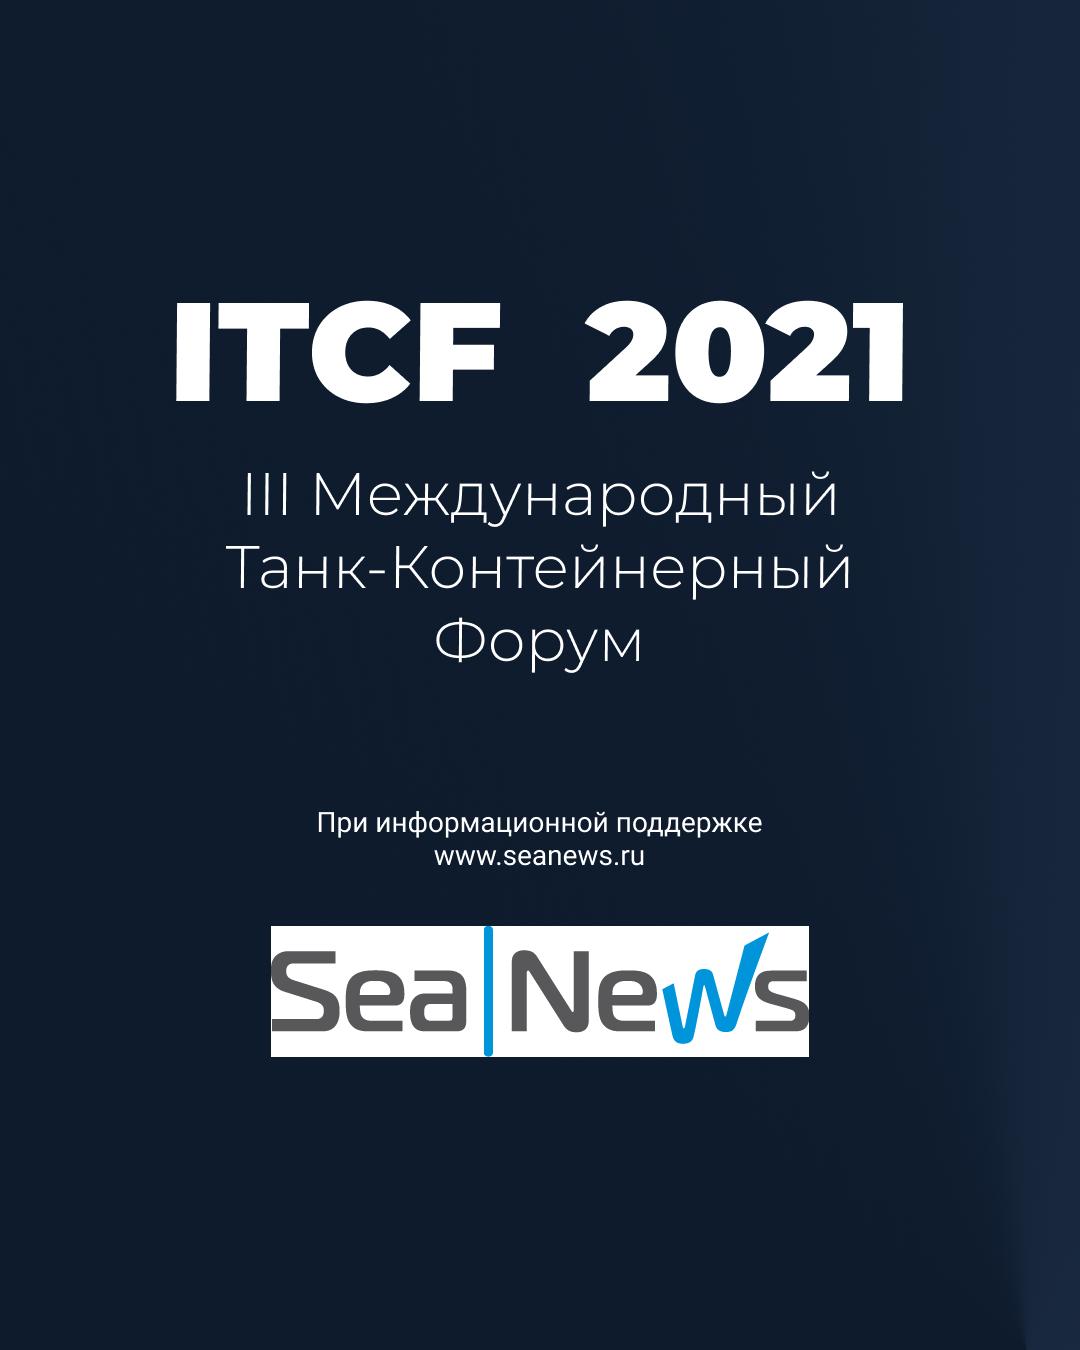 ITCF-2021 расширяет информационное сотрудничество